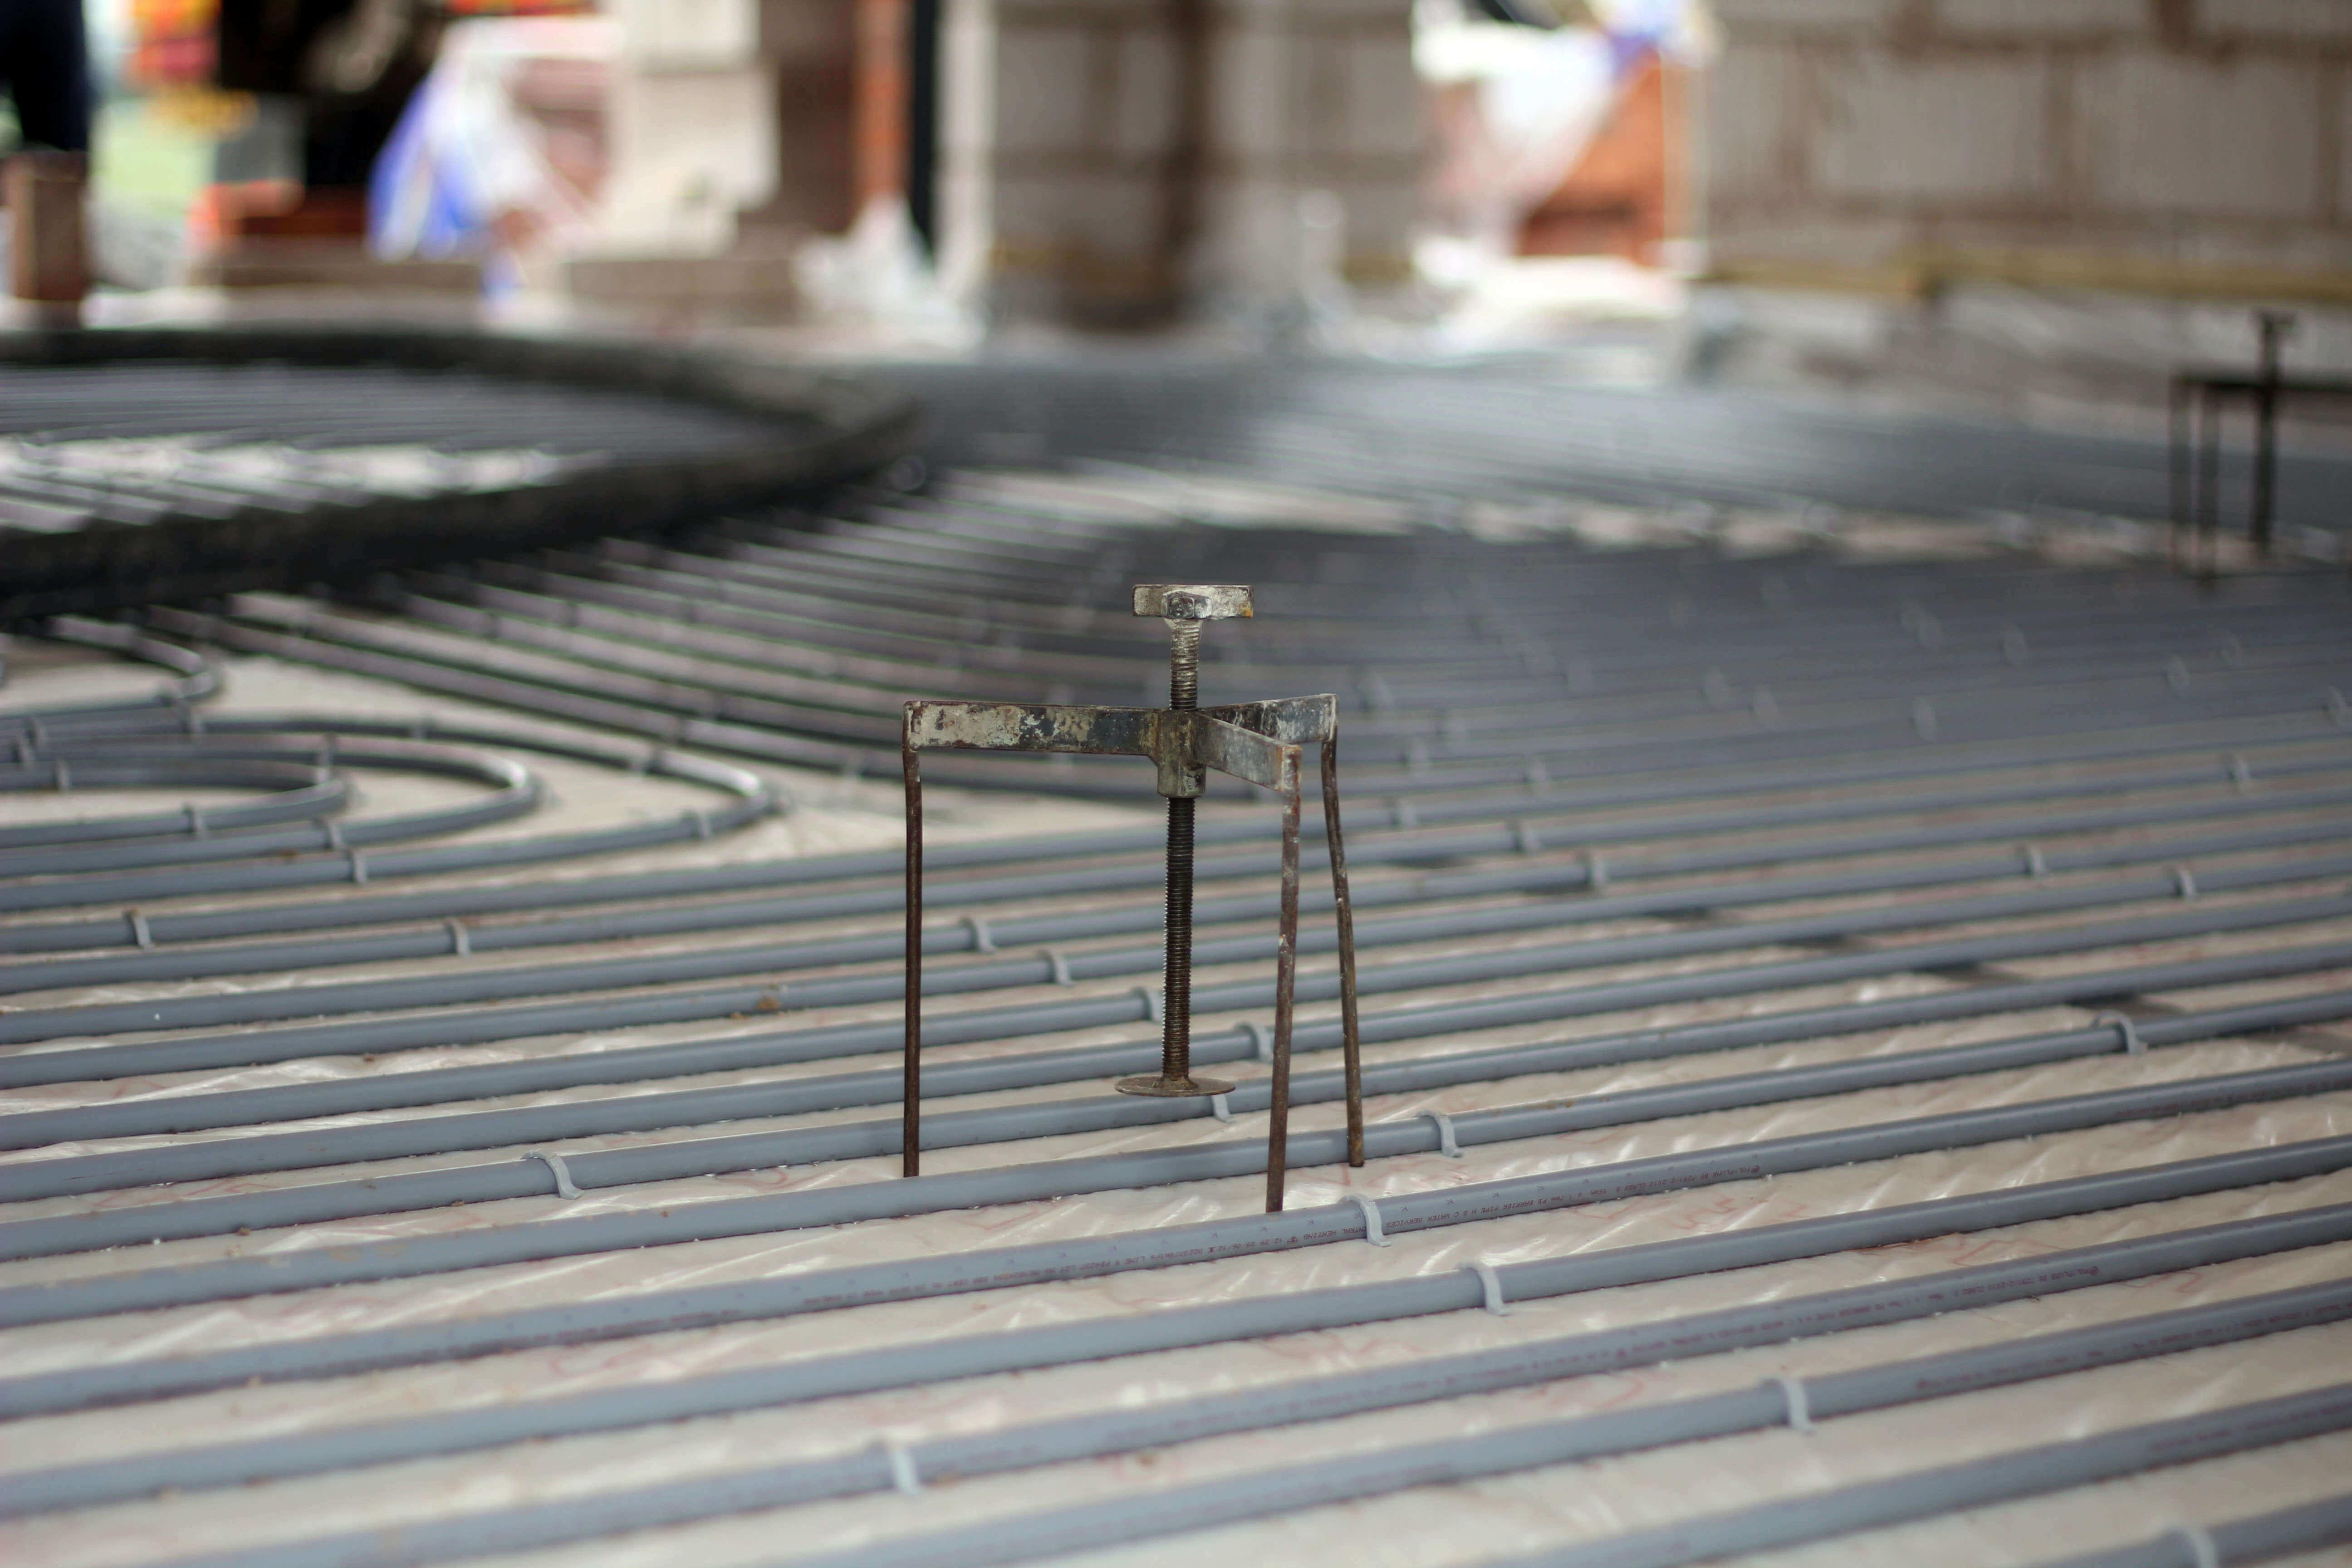 Underfloor heating | Liquid screed | Heated Floors | Underfloor heating Installation